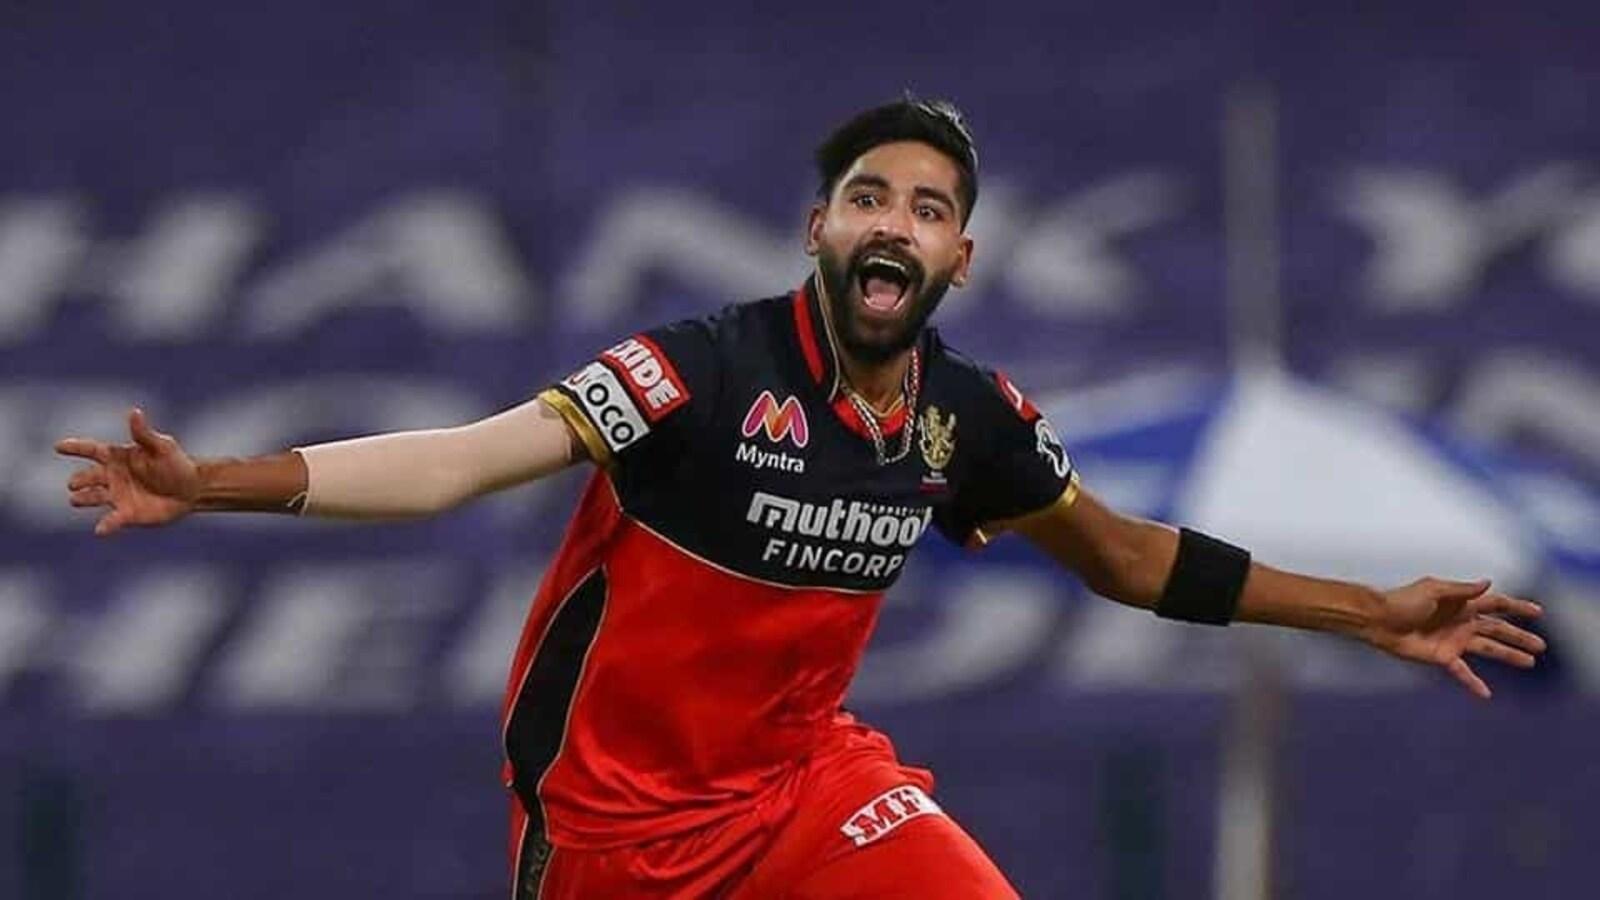 RCBvsDC : 'मैन ऑफ़ द मैच' डिविलियर्स ने खुद को नहीं, बल्कि इस खिलाड़ी को दिया आरसीबी की जीत का श्रेय 3